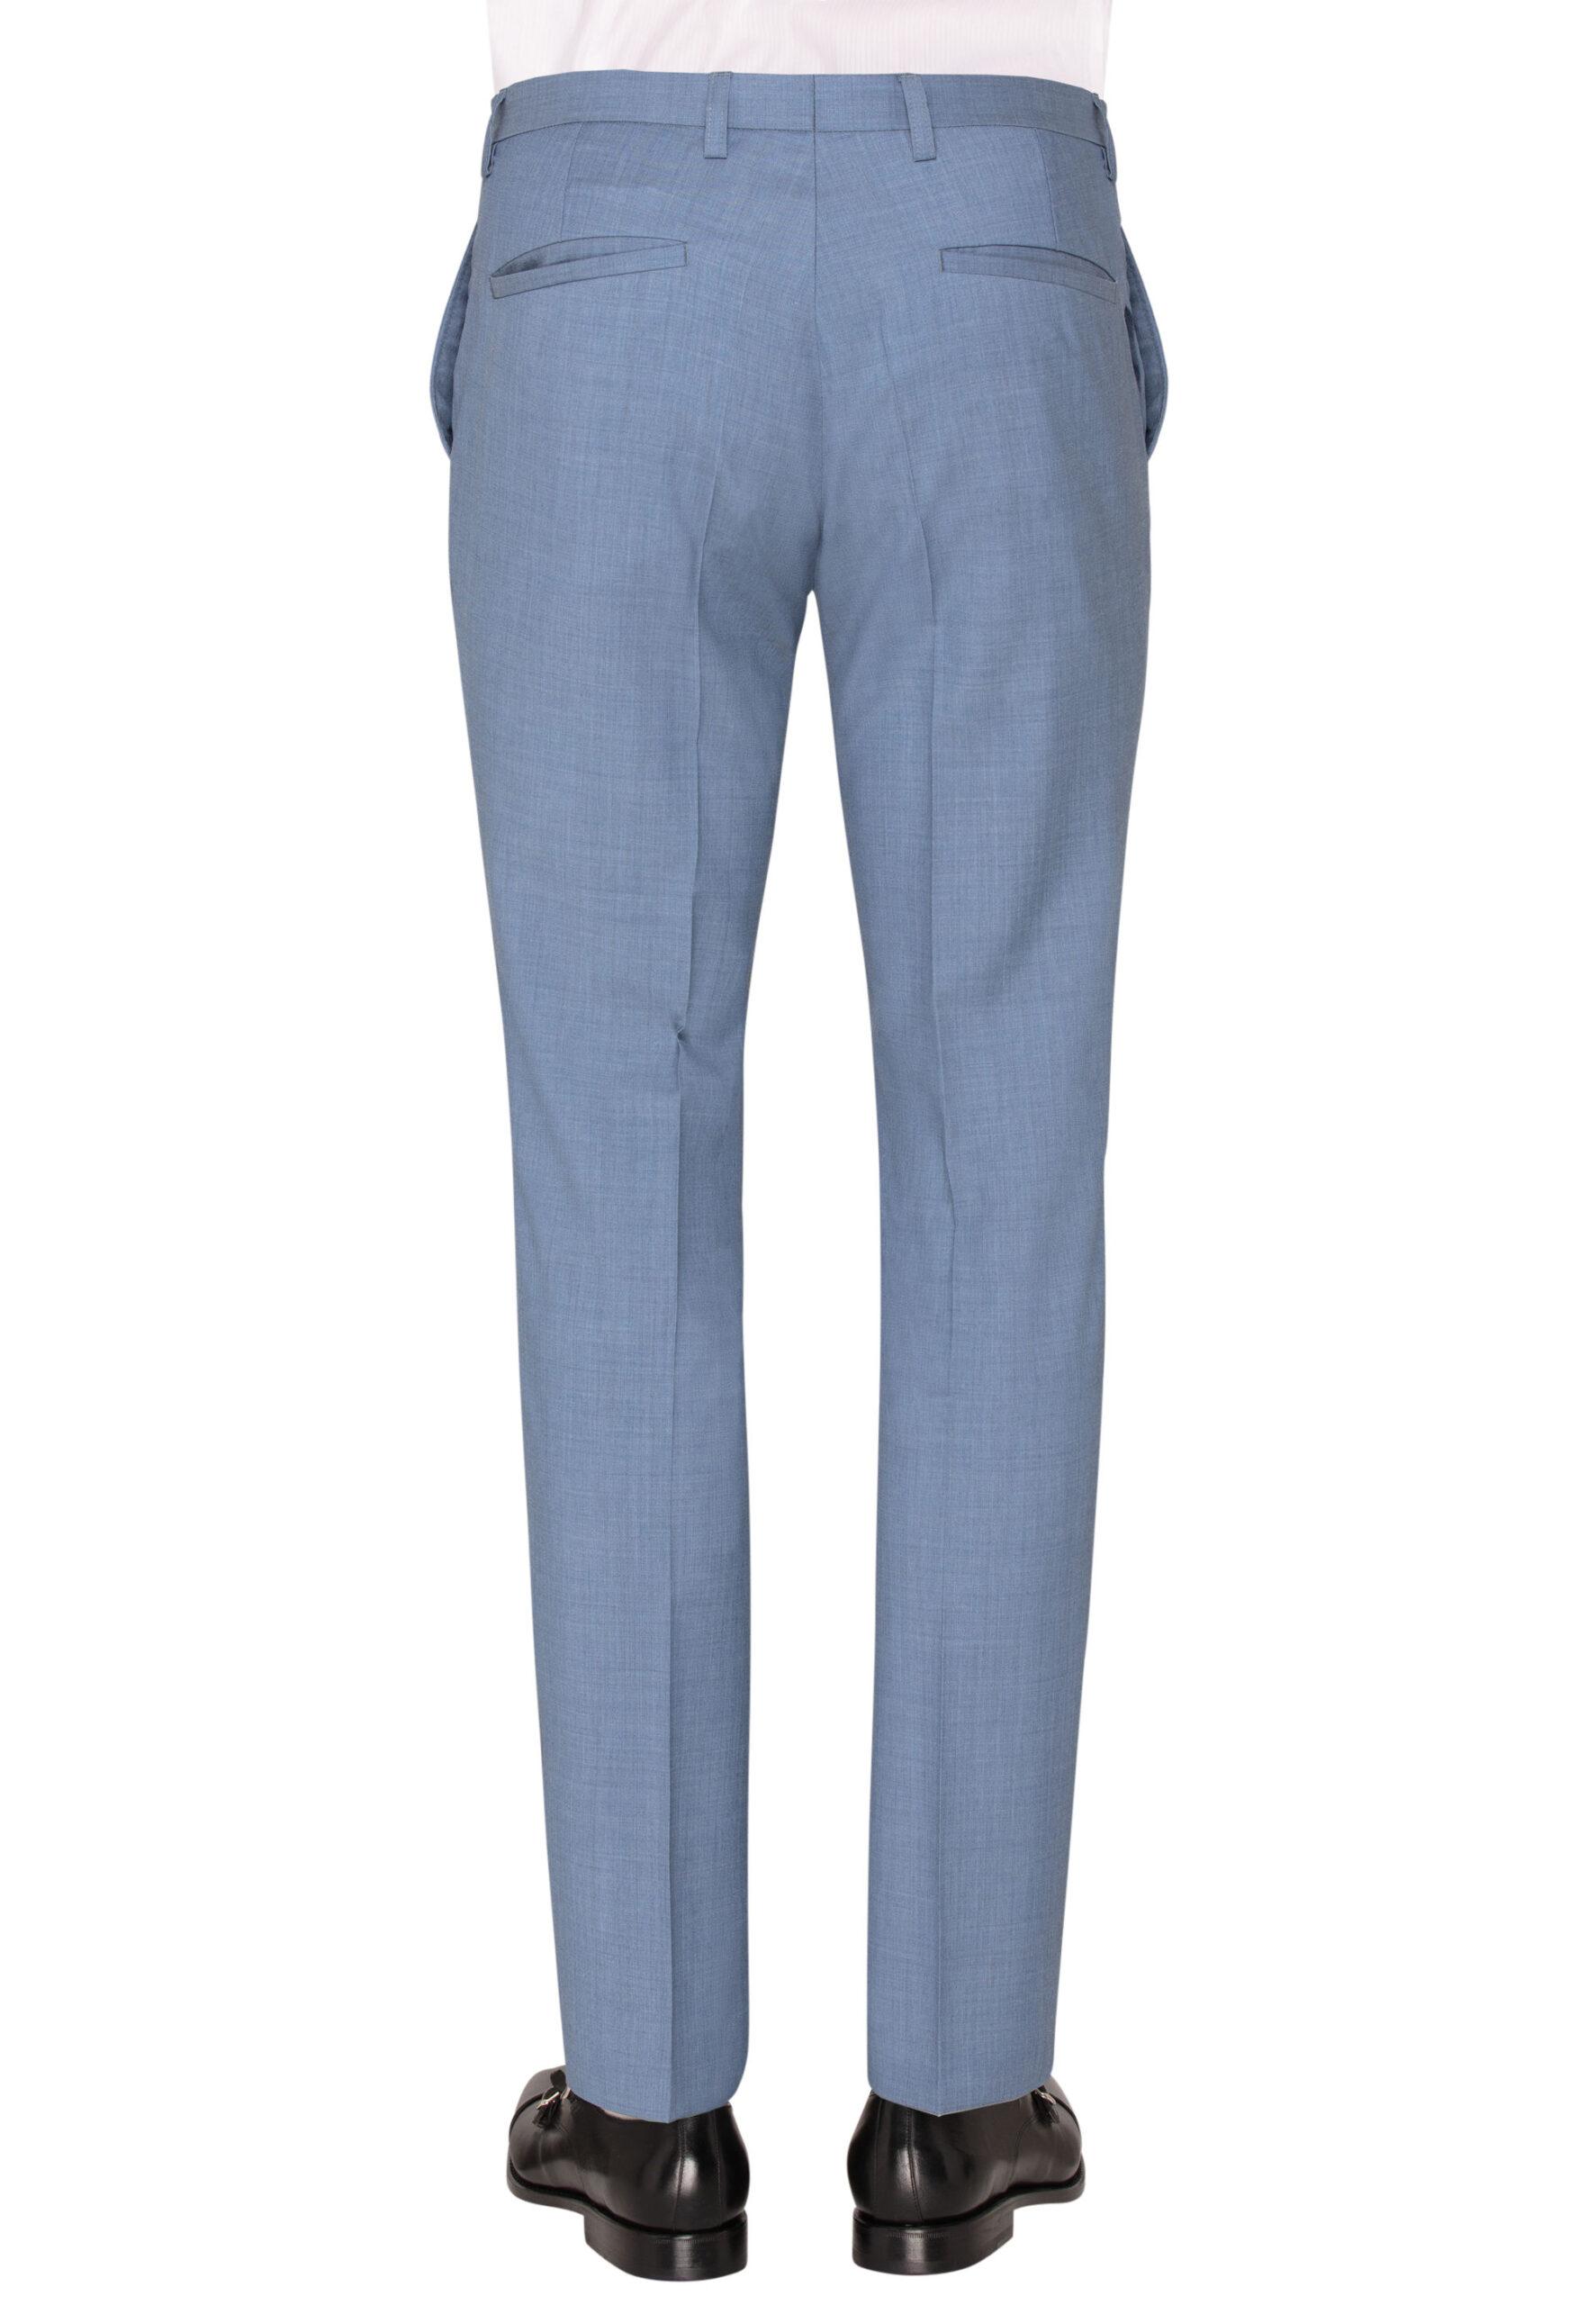 Lichtblauw kostuum broek achter